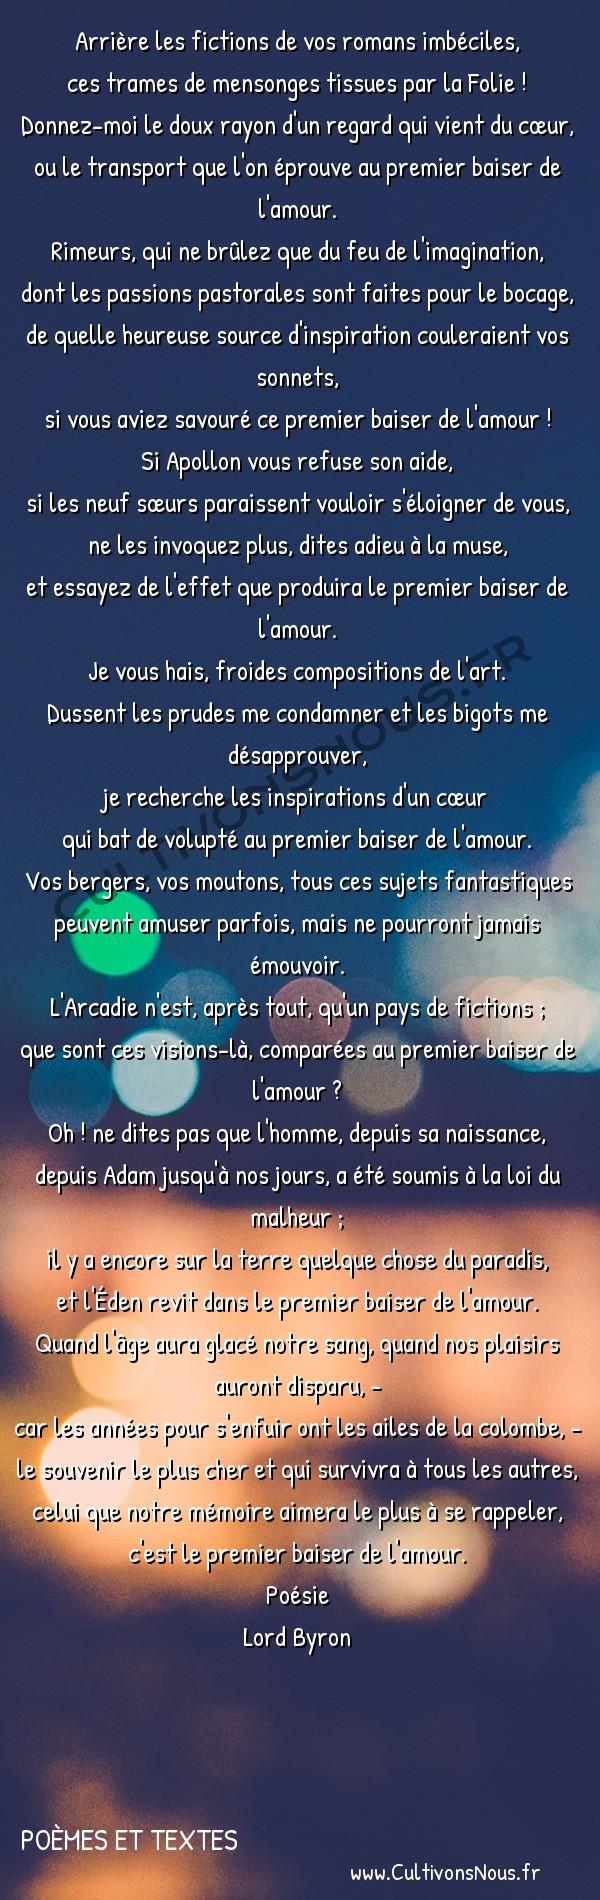 Le Premier Baiser De Lamour Poèmes Et Textes Cultivons Nous